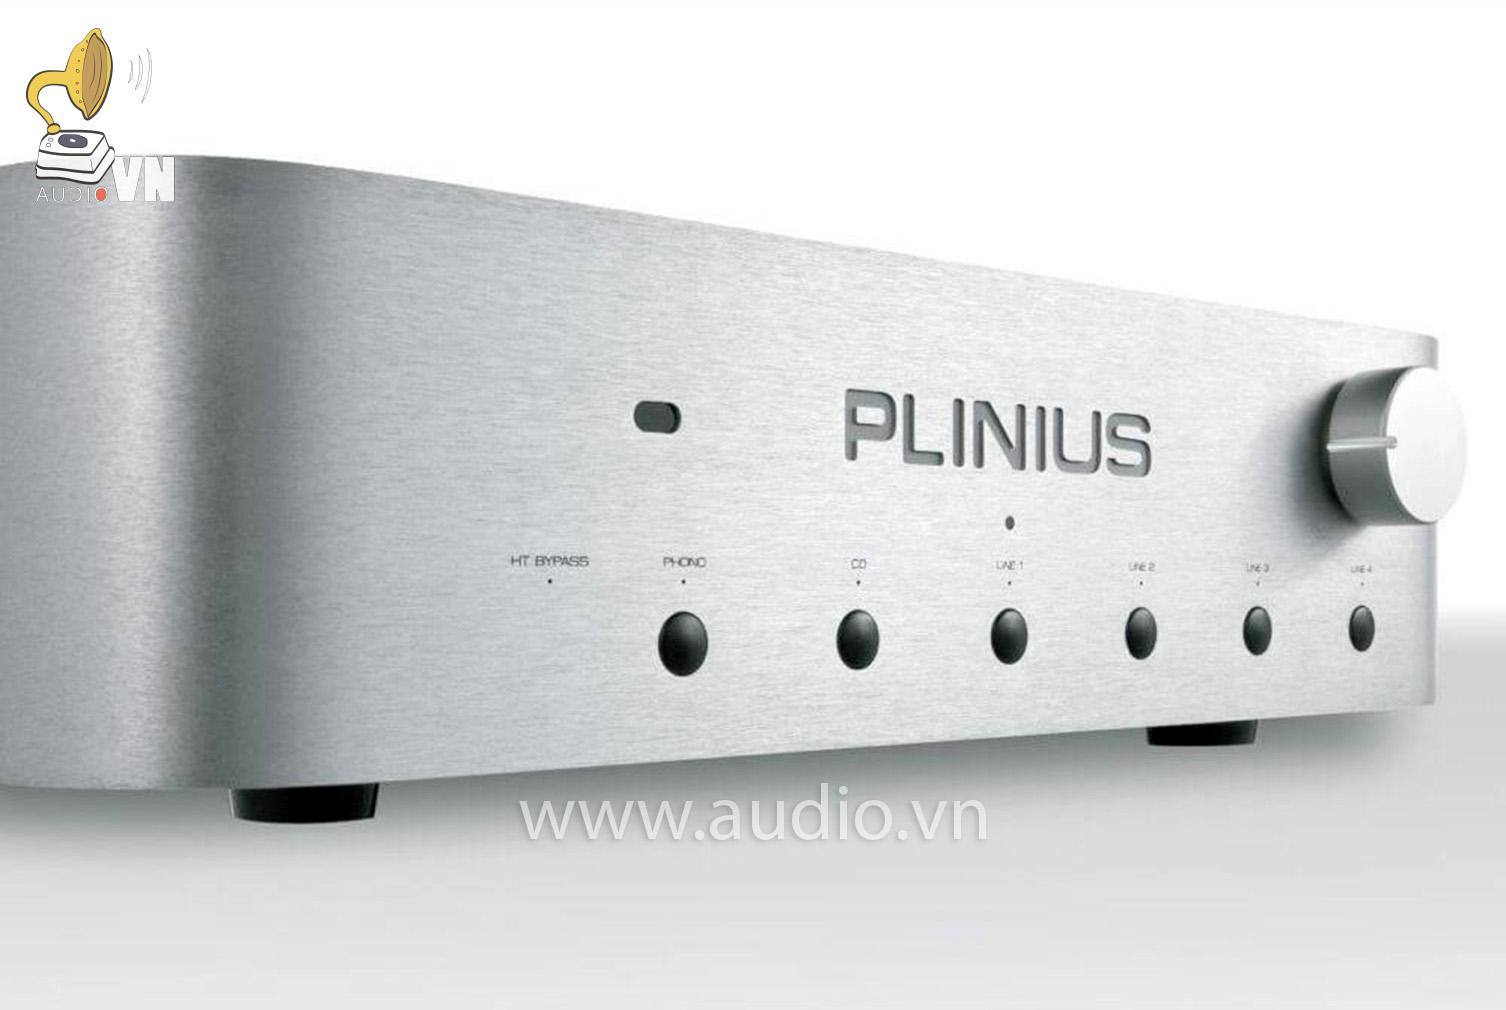 Plinius CD Player Mauri